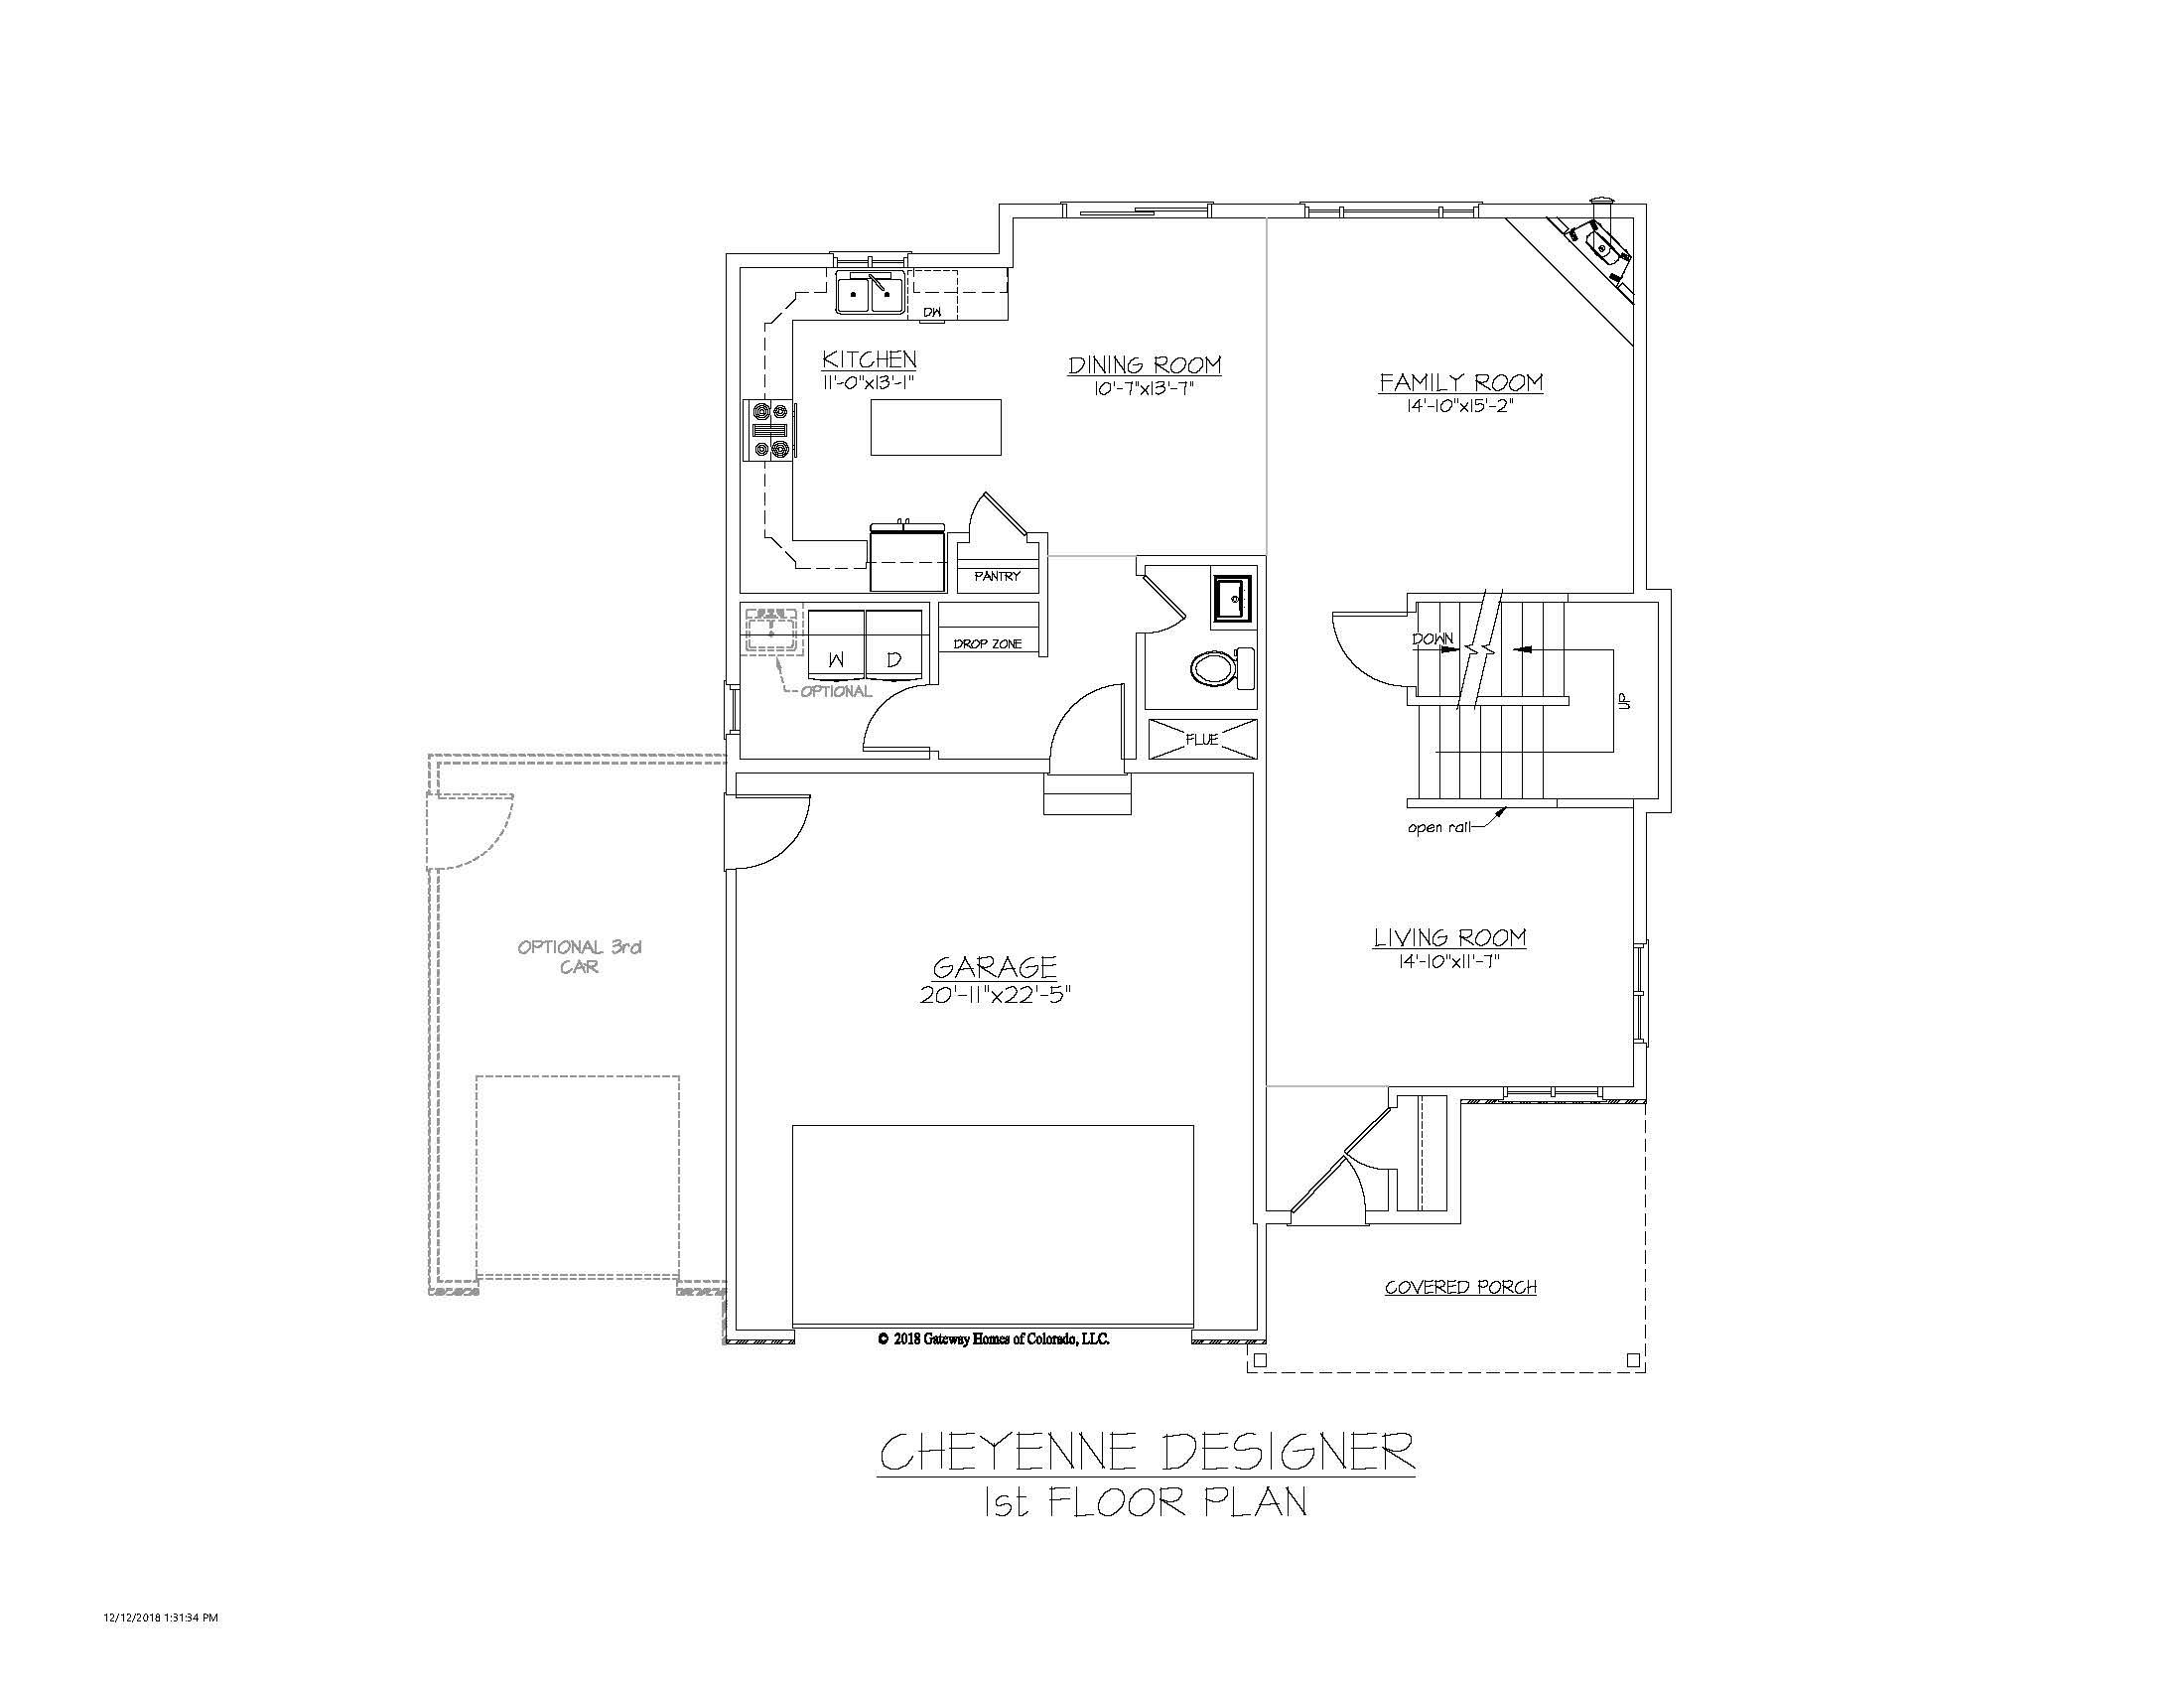 SM Cheyenne Designer 1st Floor Plan